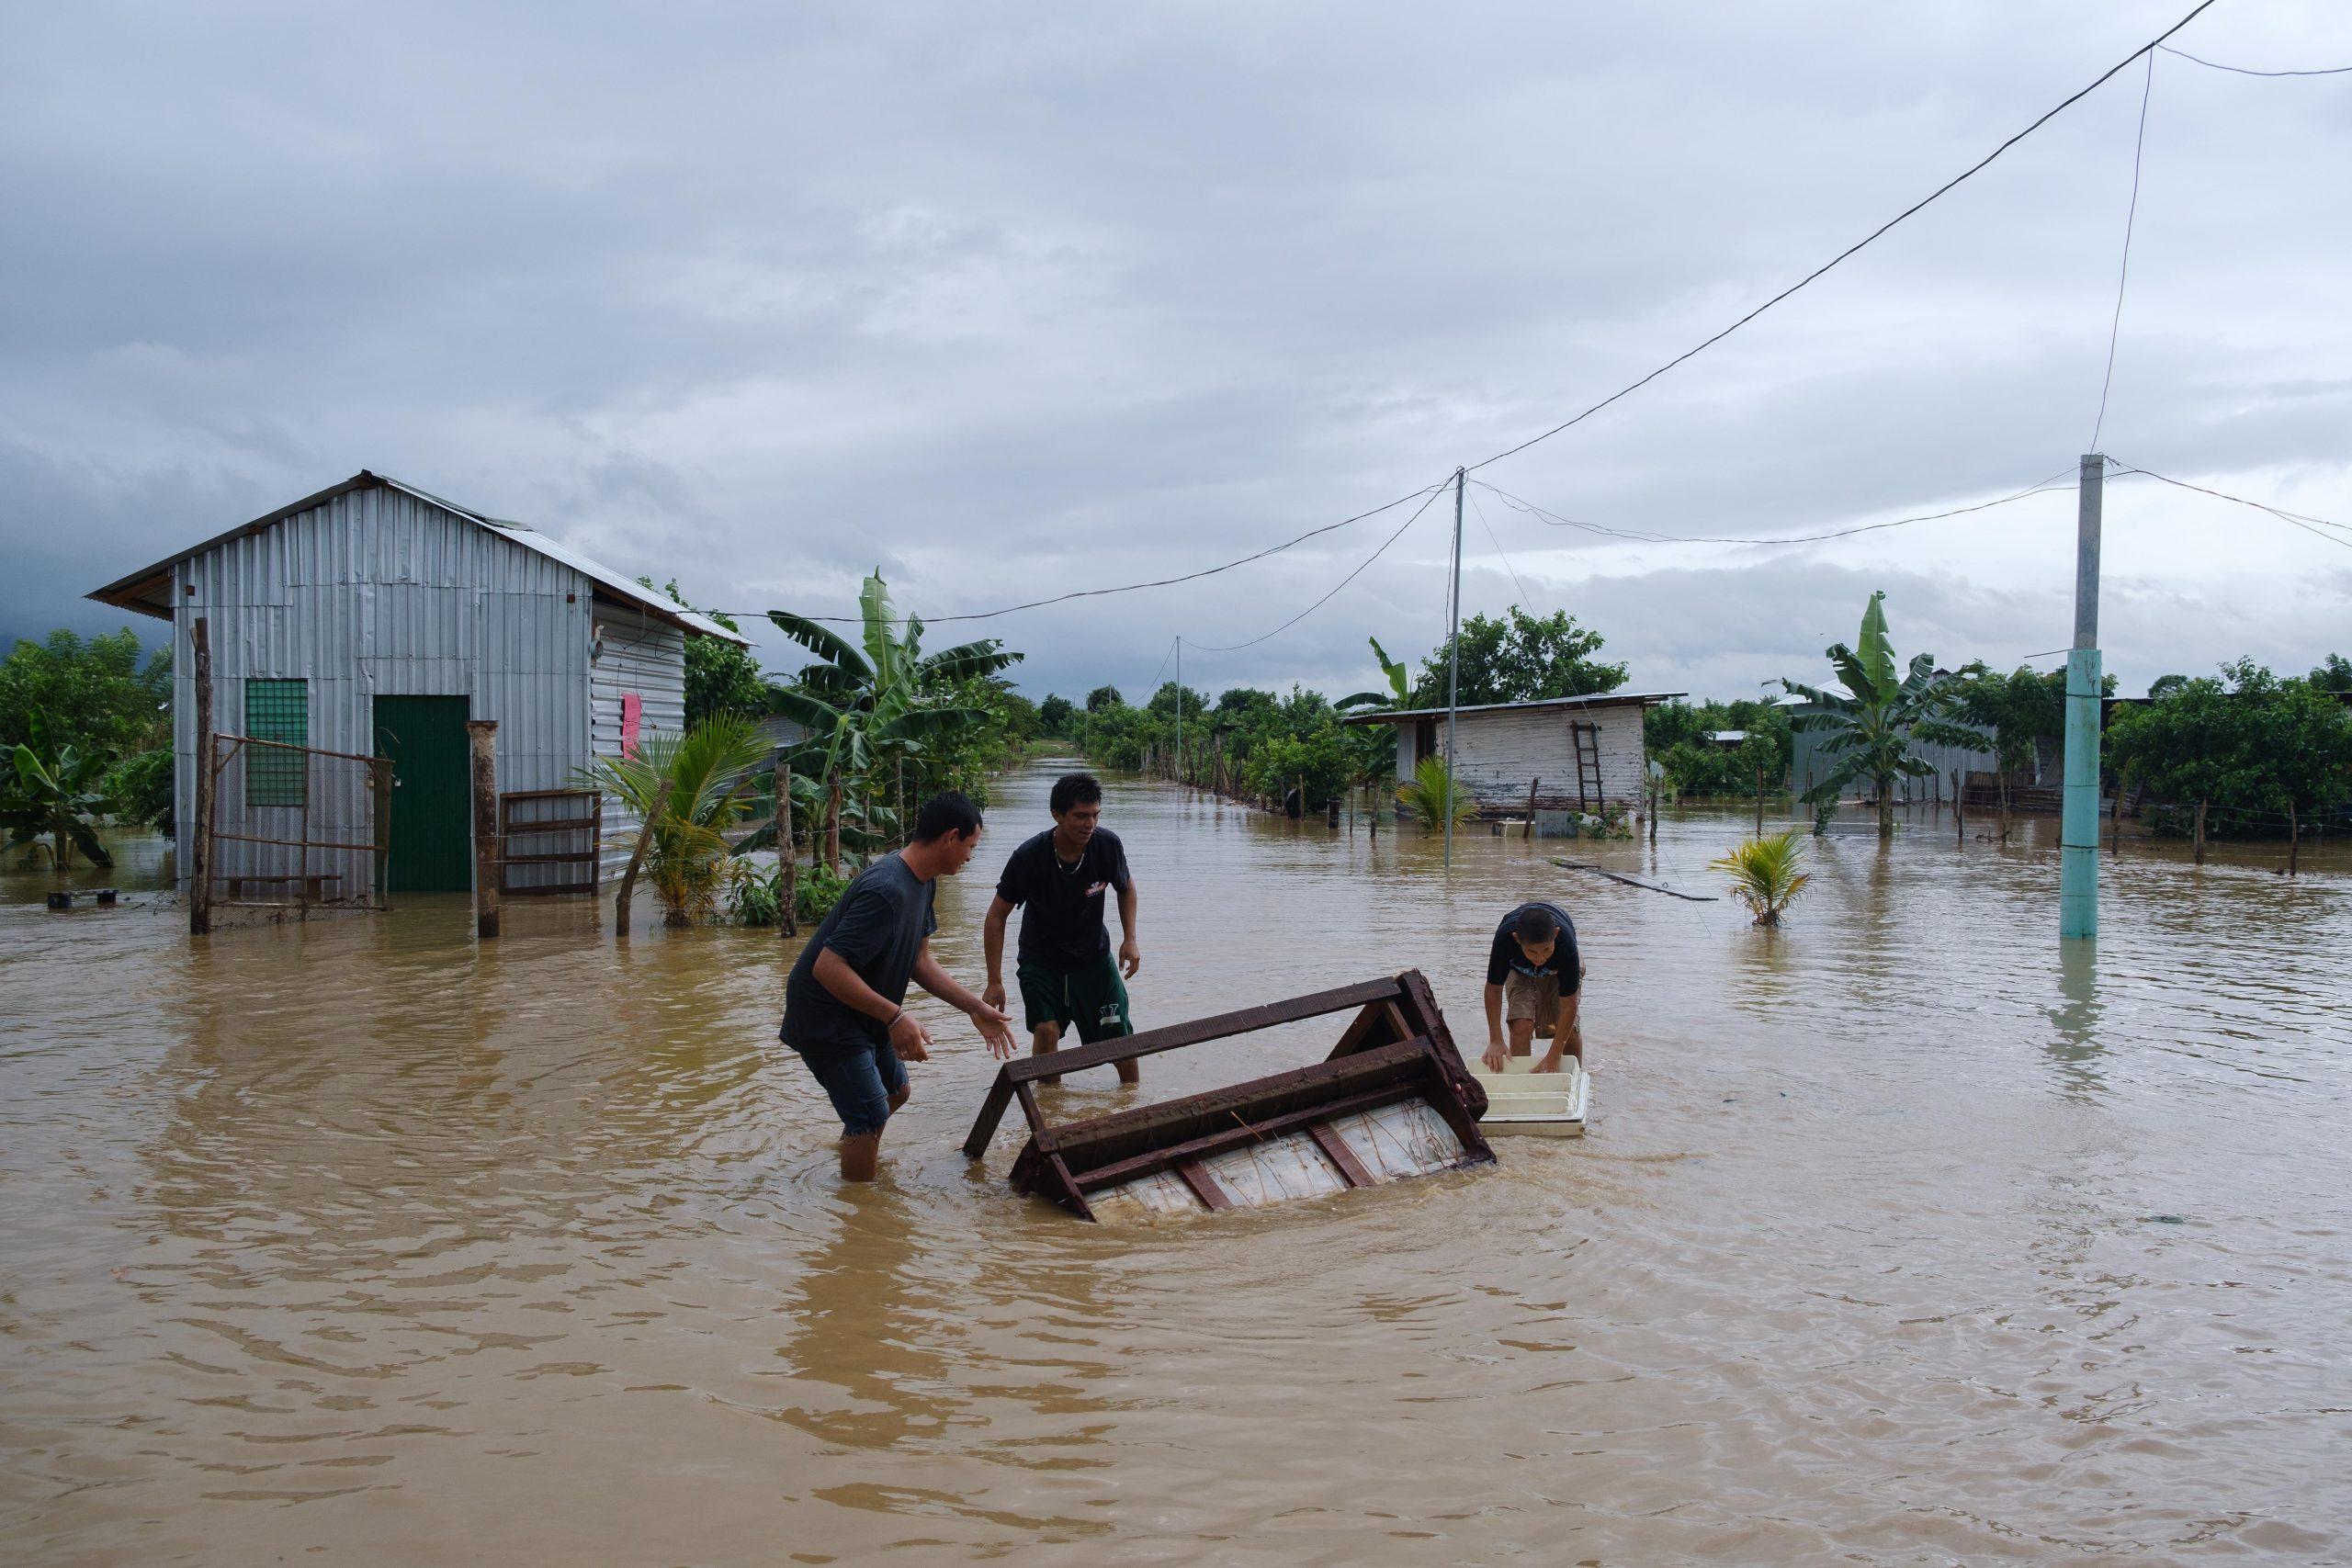 Estos jóvenes tratan de rescatar algo de los muebles de su hogar. El Progreso, Yoro, 3 de nov de 2020, Foto, Deiby Yanes.